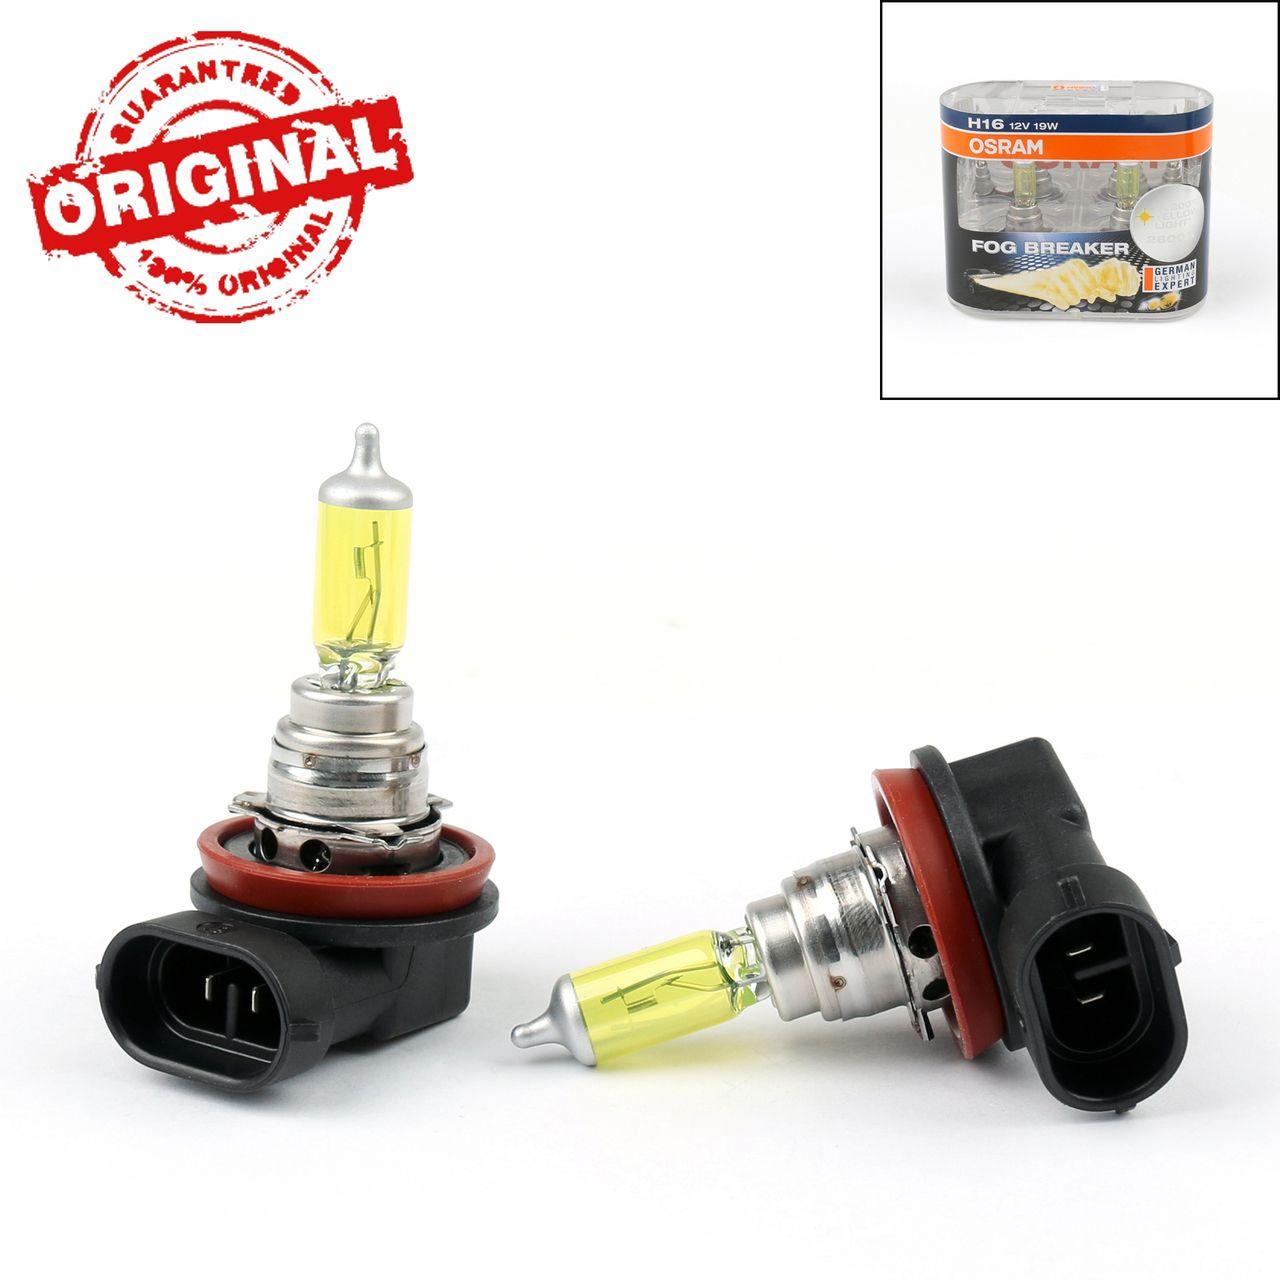 2 X Osram Fog Breaker Globes H16 2600k 62219fbr Yellow Car Fog Light